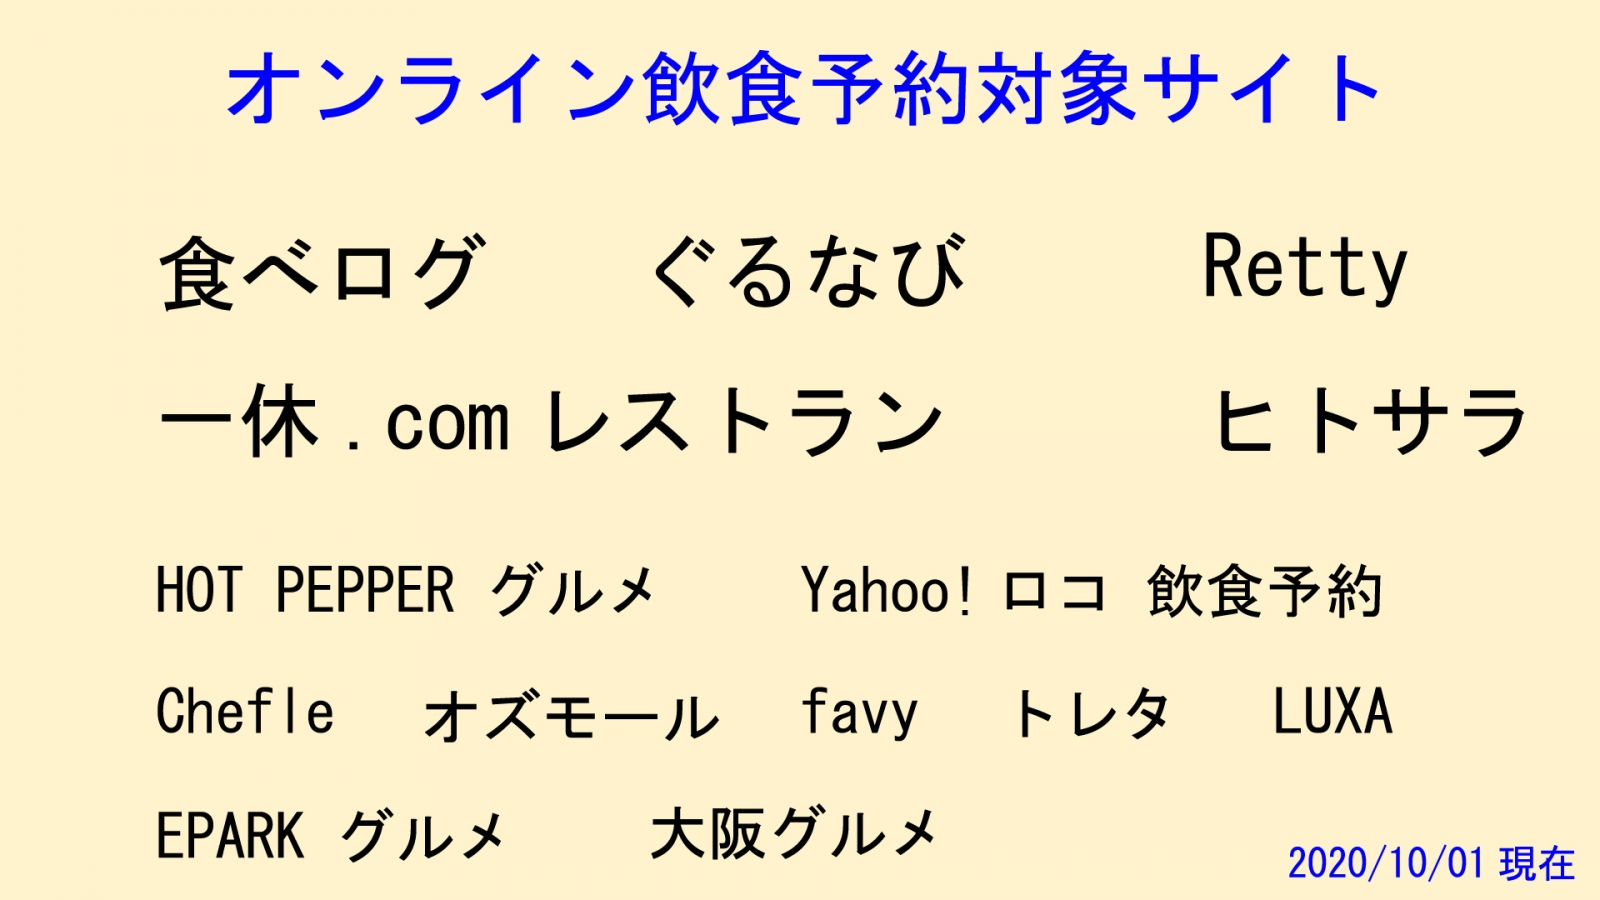 オンライン予約対象サイト